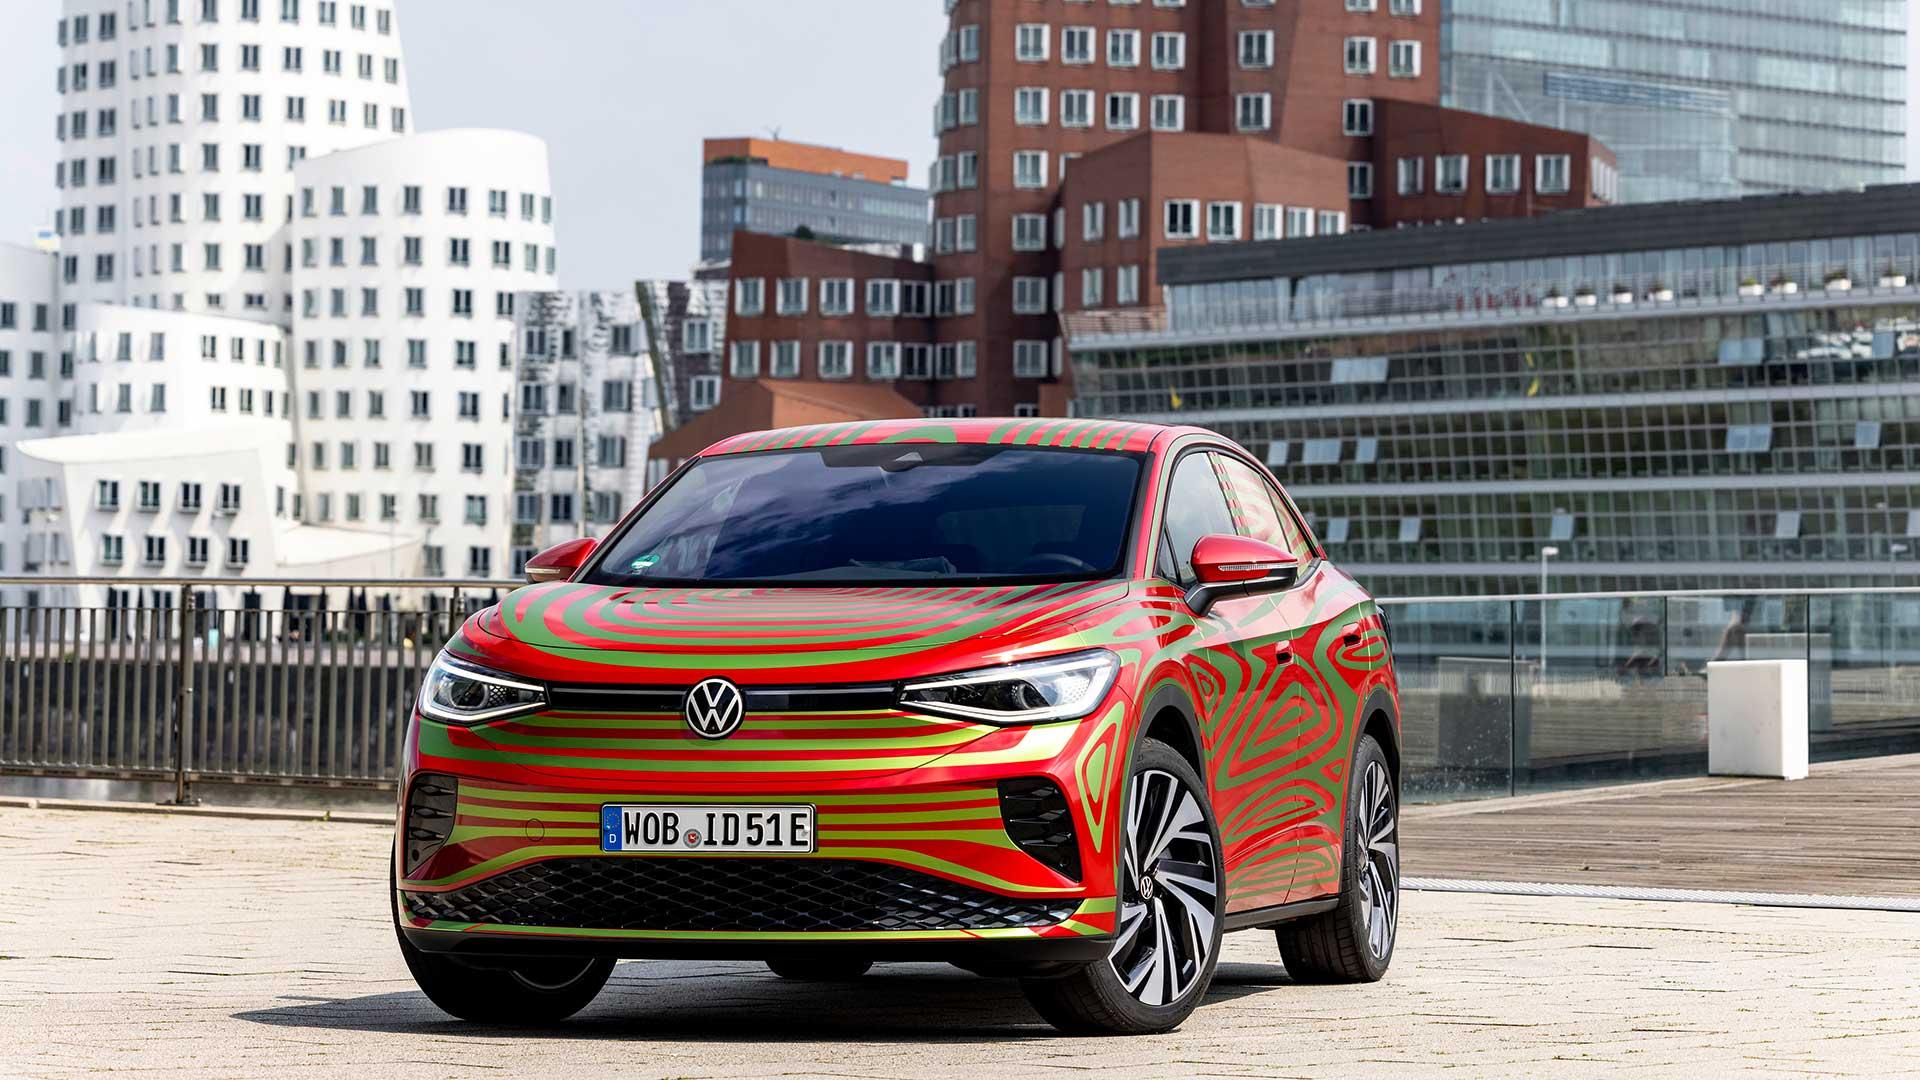 Nuevo Volkswagen ID.5 GTX 2022: el SUV eléctrico de VW para el Salón de Múnich